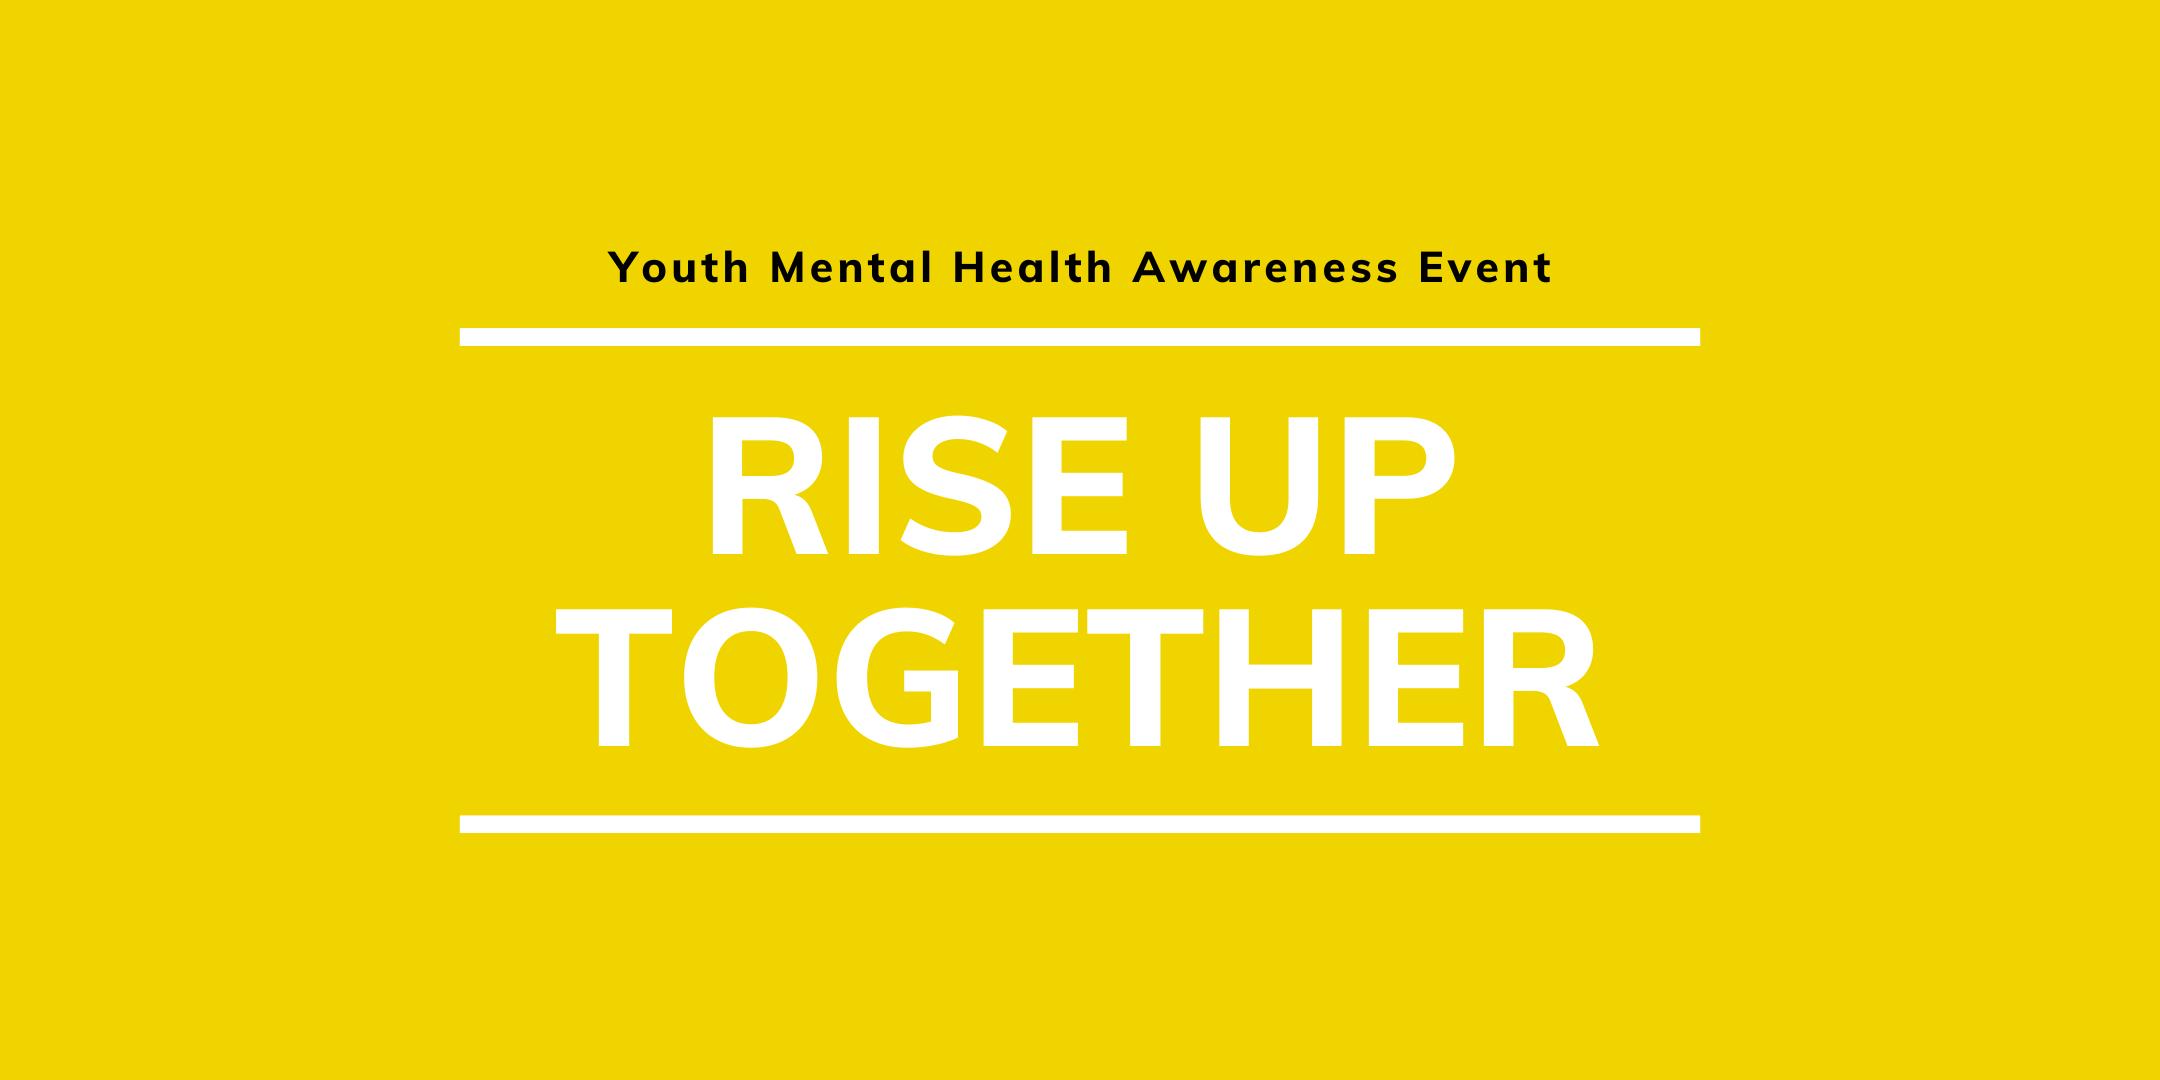 Tackling mental health - together